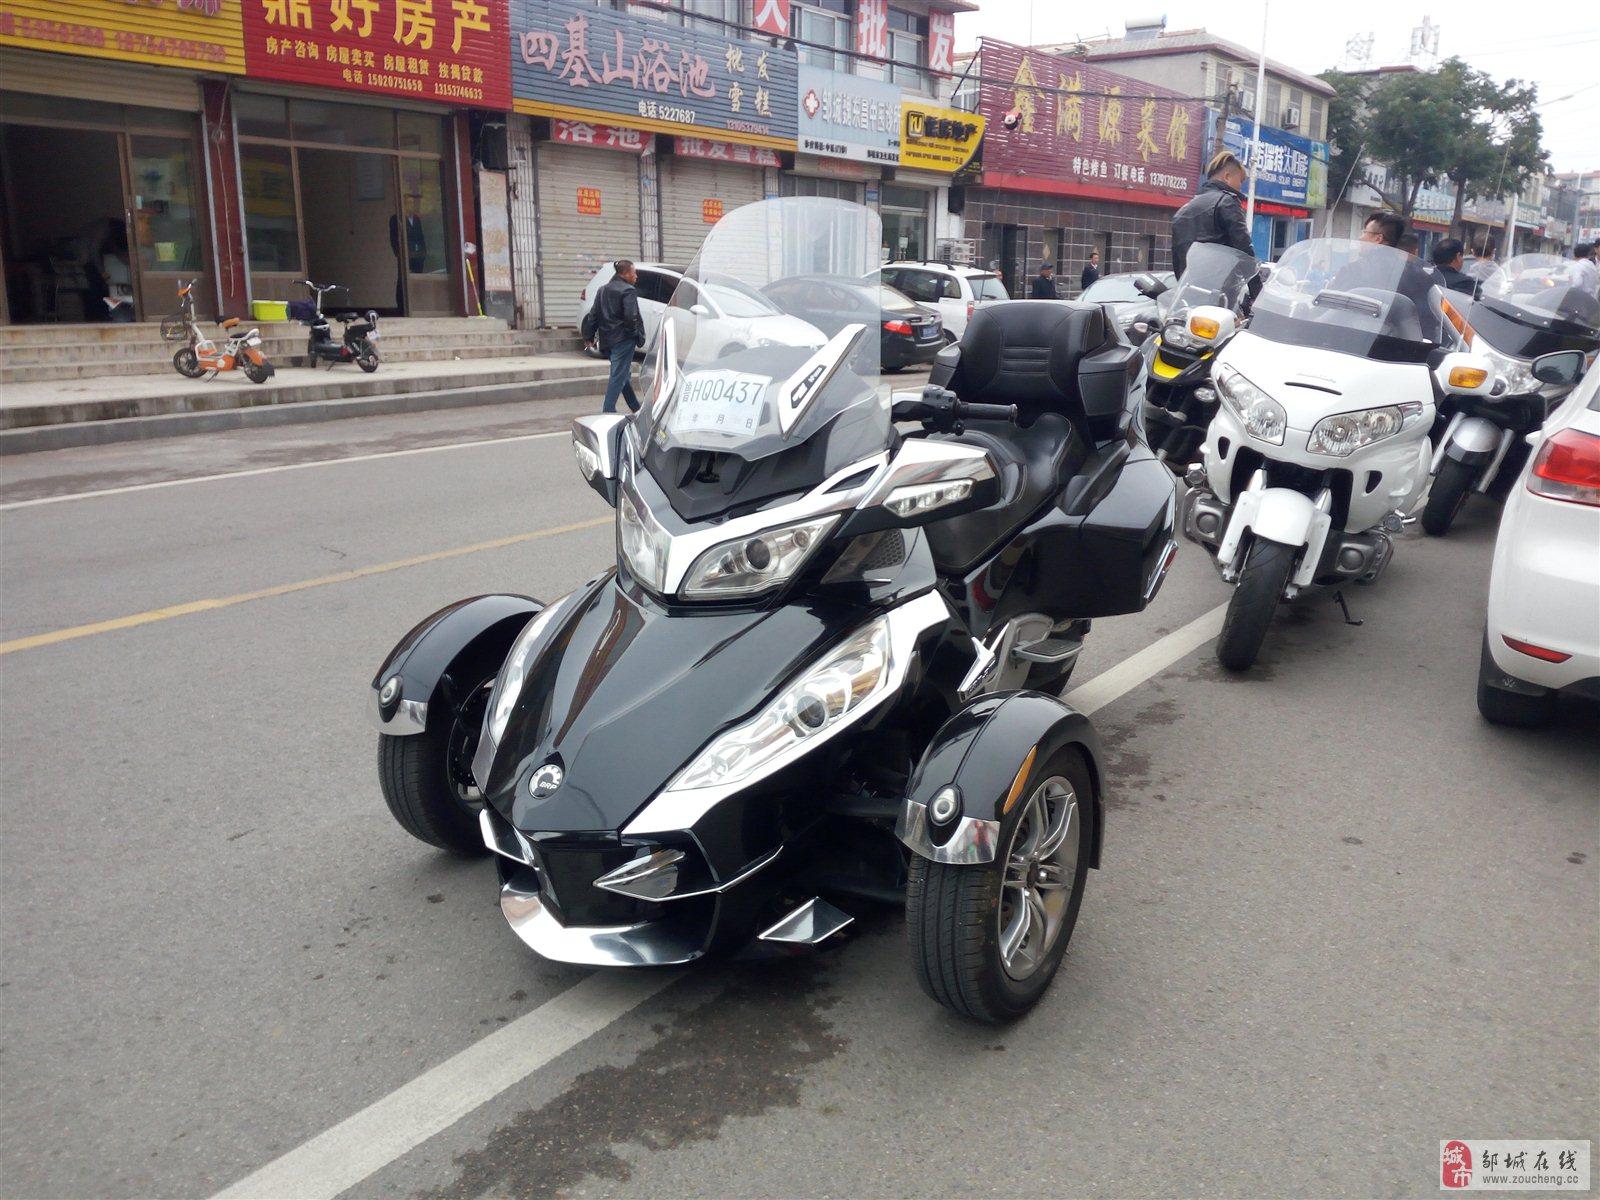 20171005:行驶在邹城四基山路上的豪华高档正三轮方向把式摩托车!